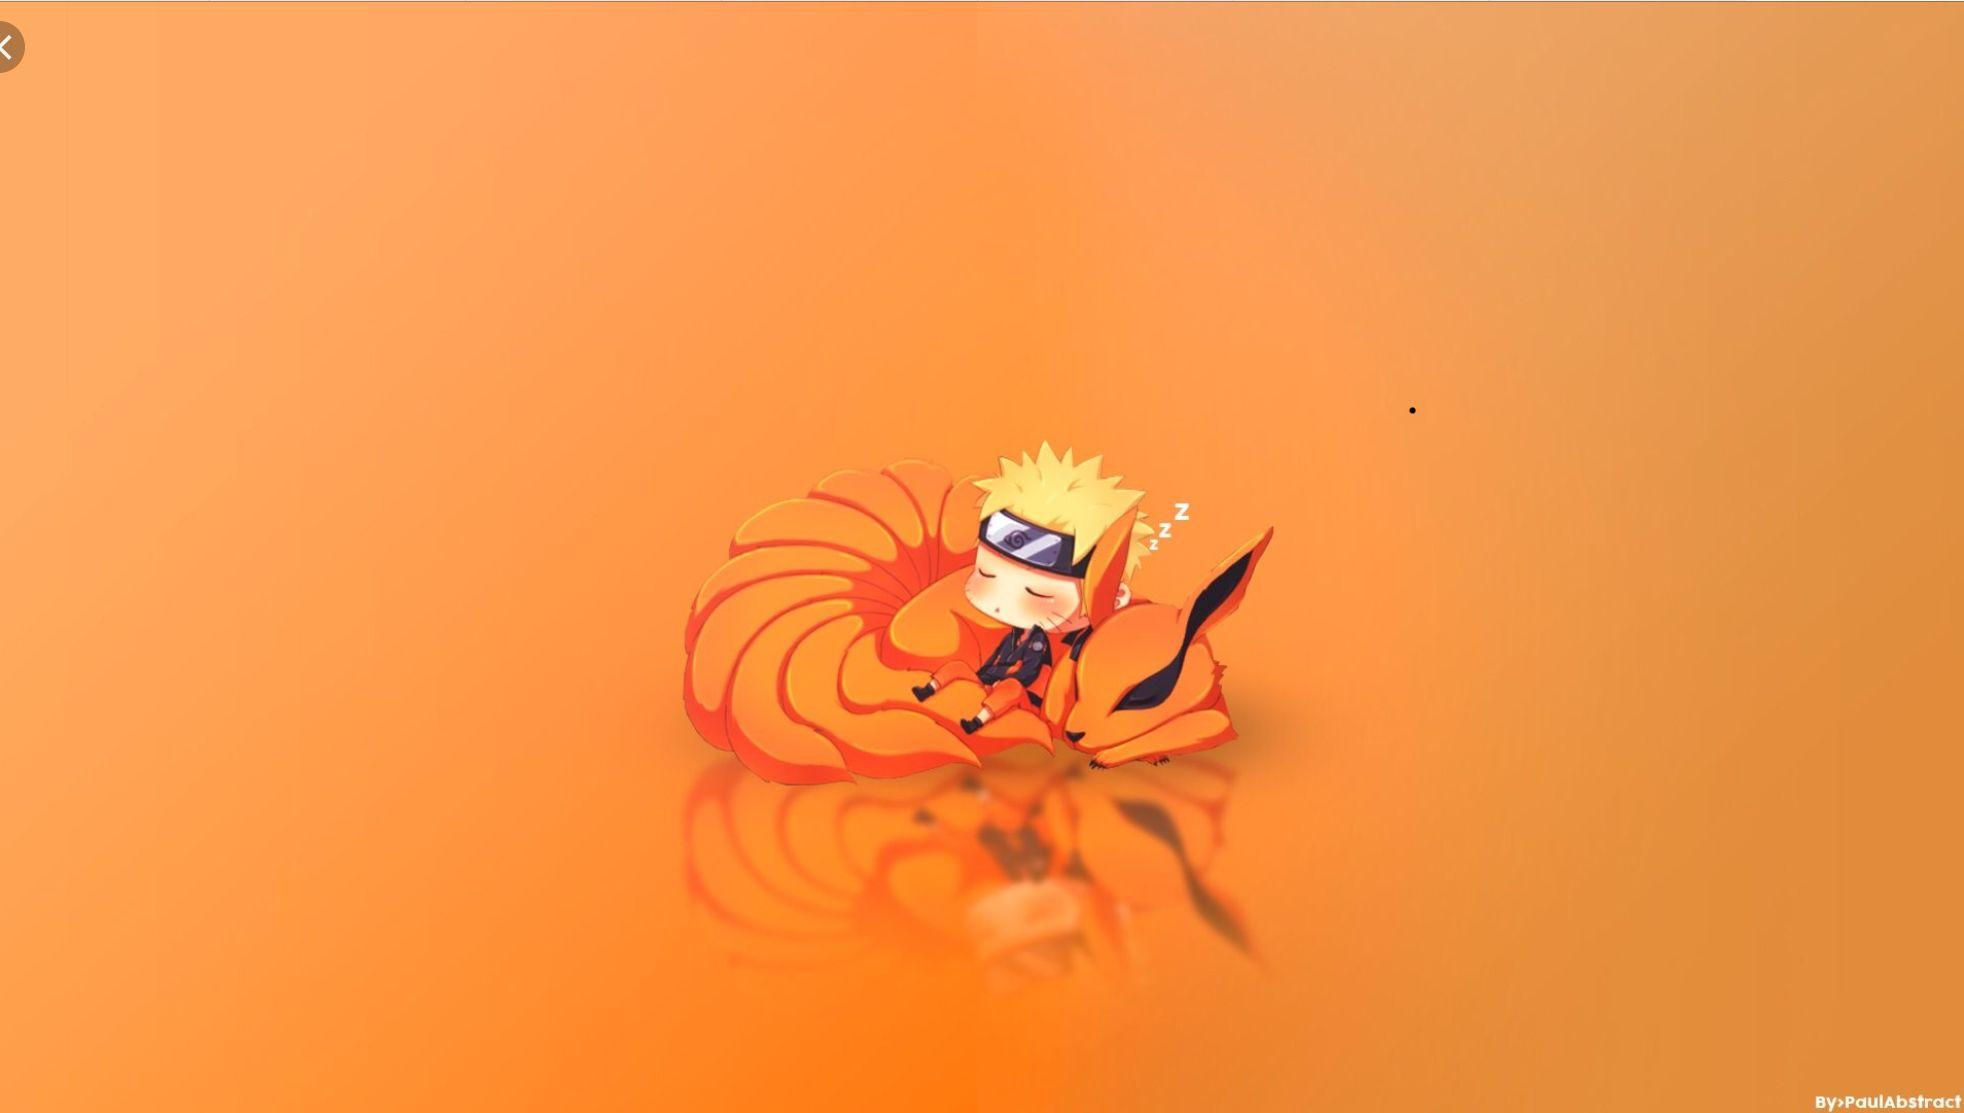 Naruto With Images Chibi Wallpaper Naruto Wallpaper Naruto Cute